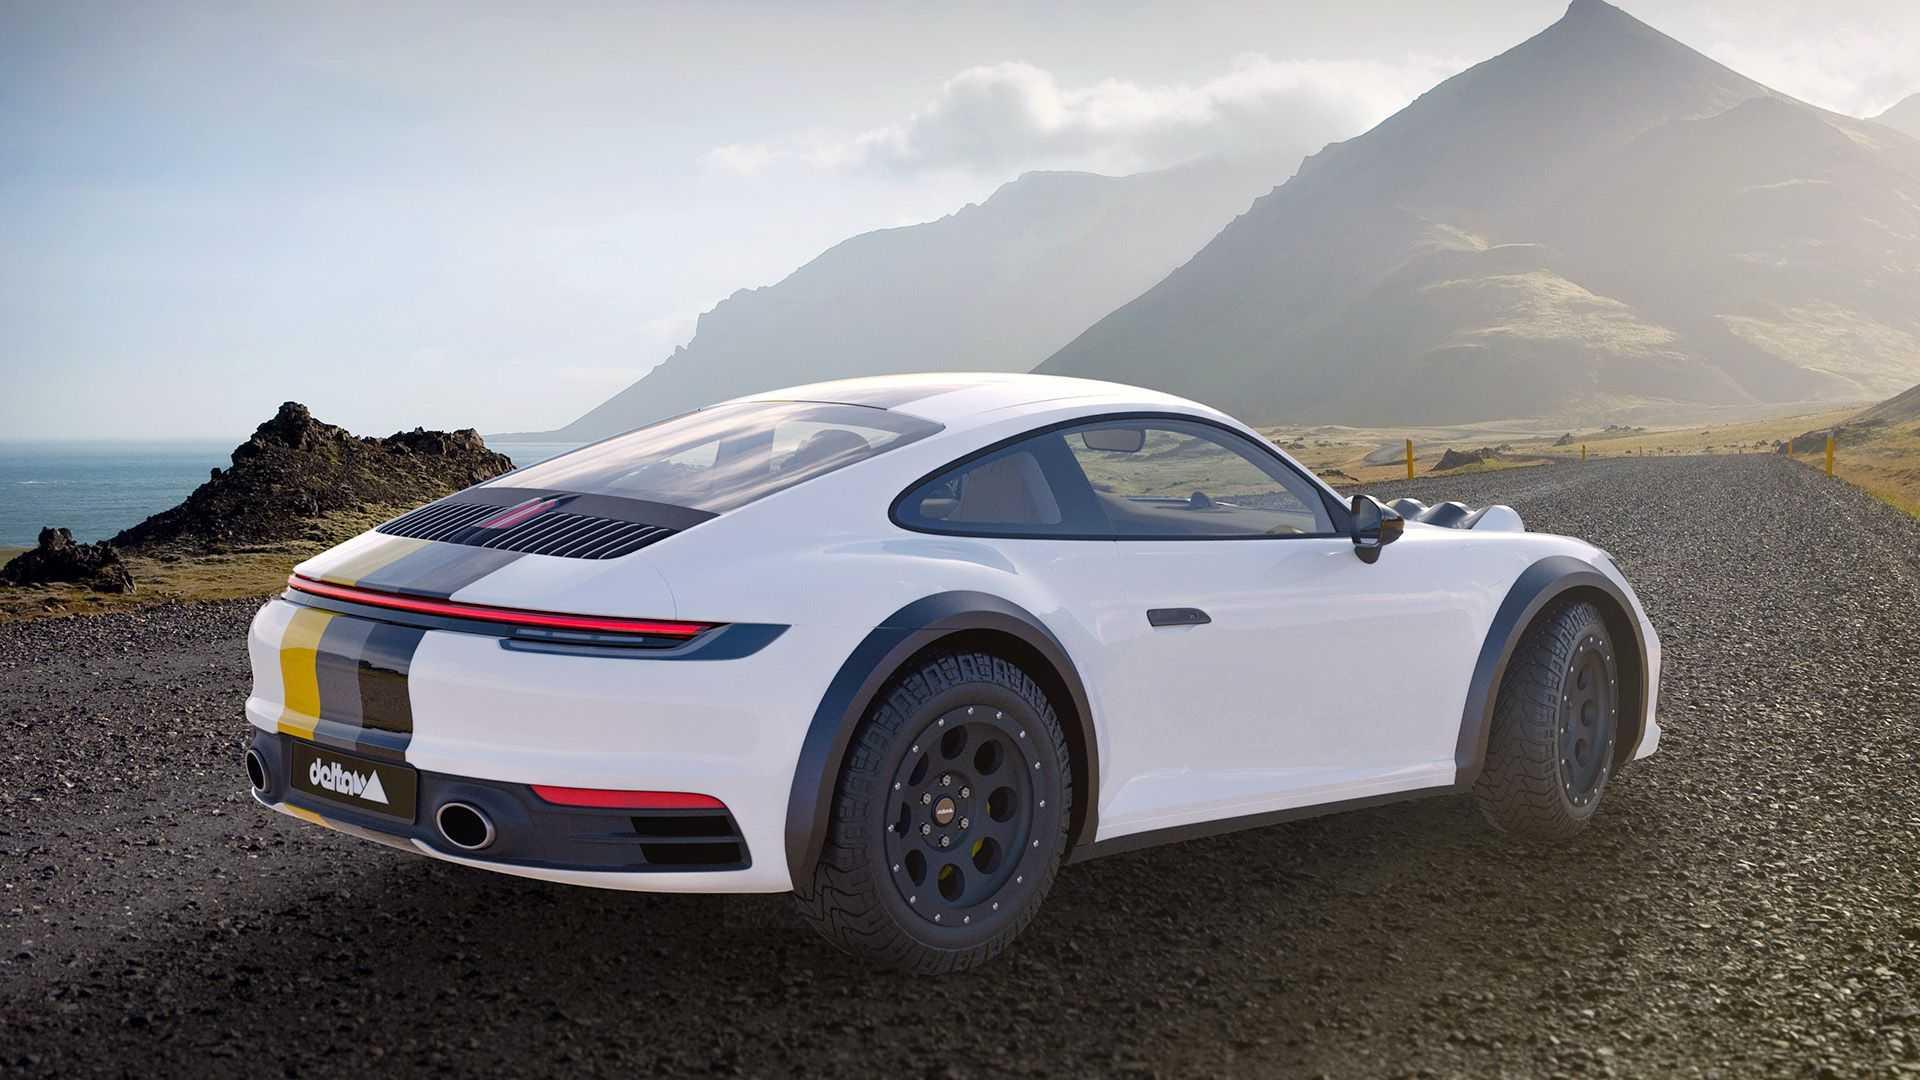 Porsche-911-992-4S-by-Delta-4x4-5